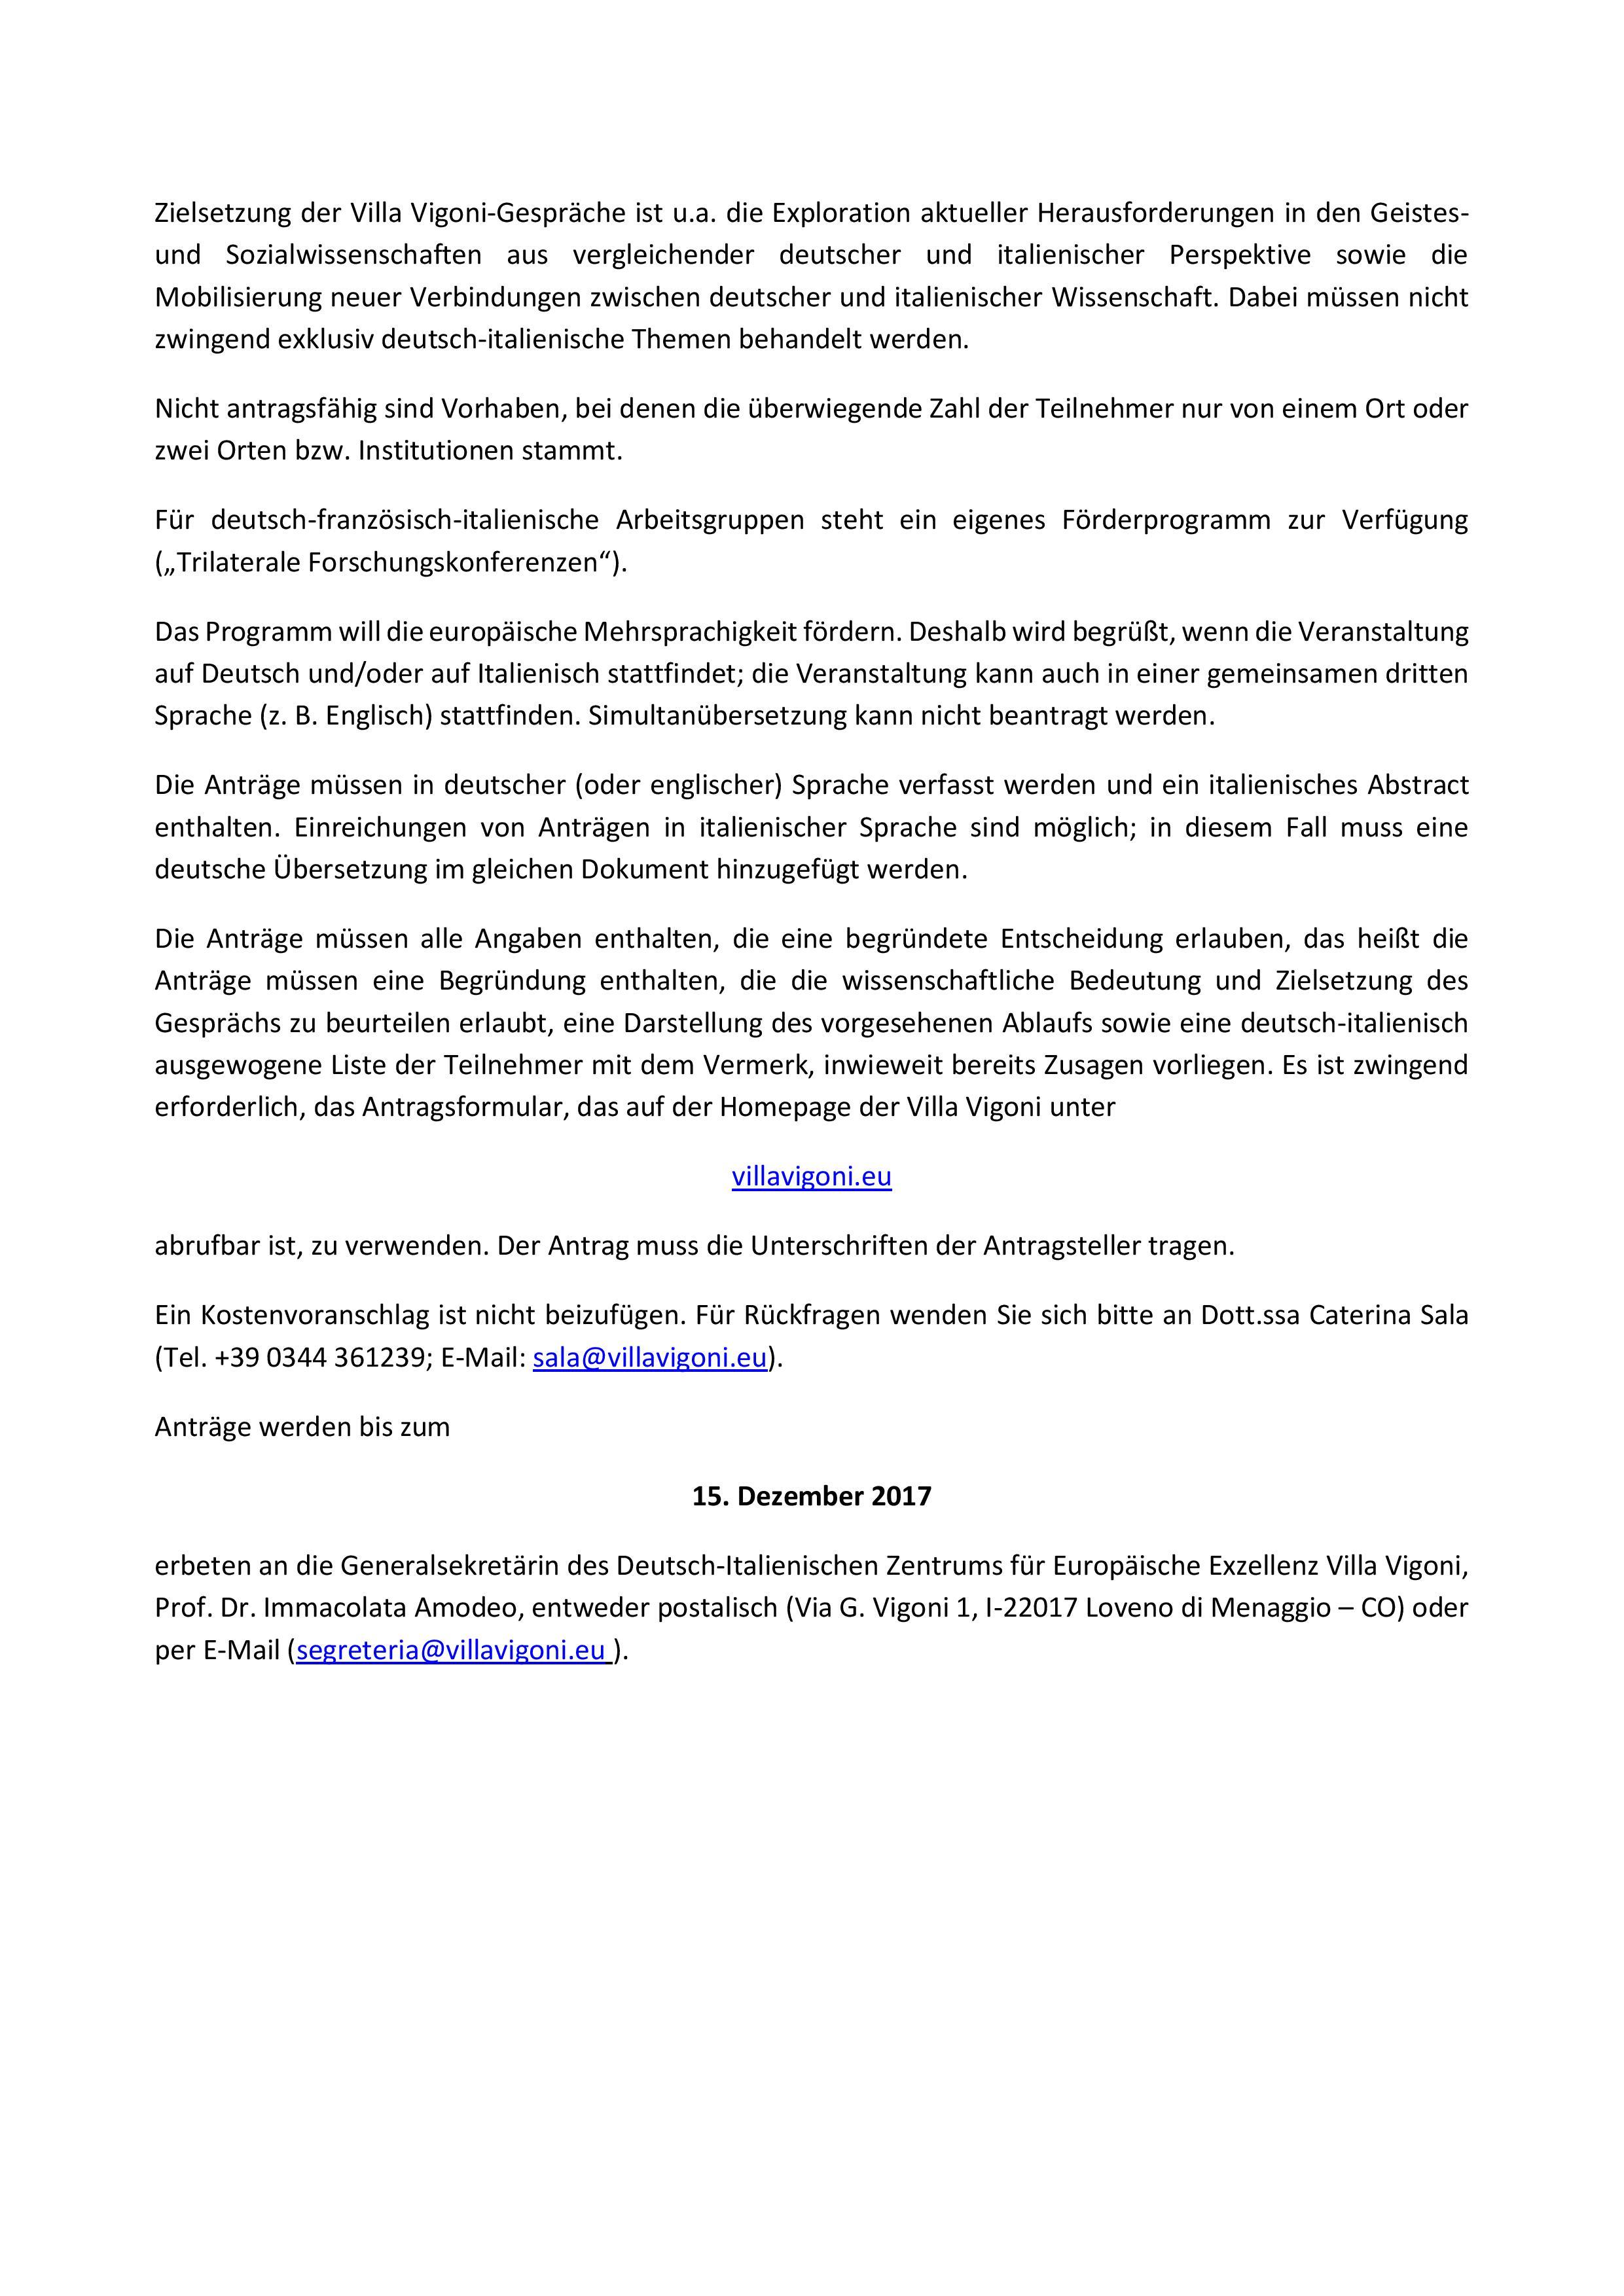 Deutsch-Italienische Zusammenarbeit_2019_AUSSCHREIBUNG-page-002